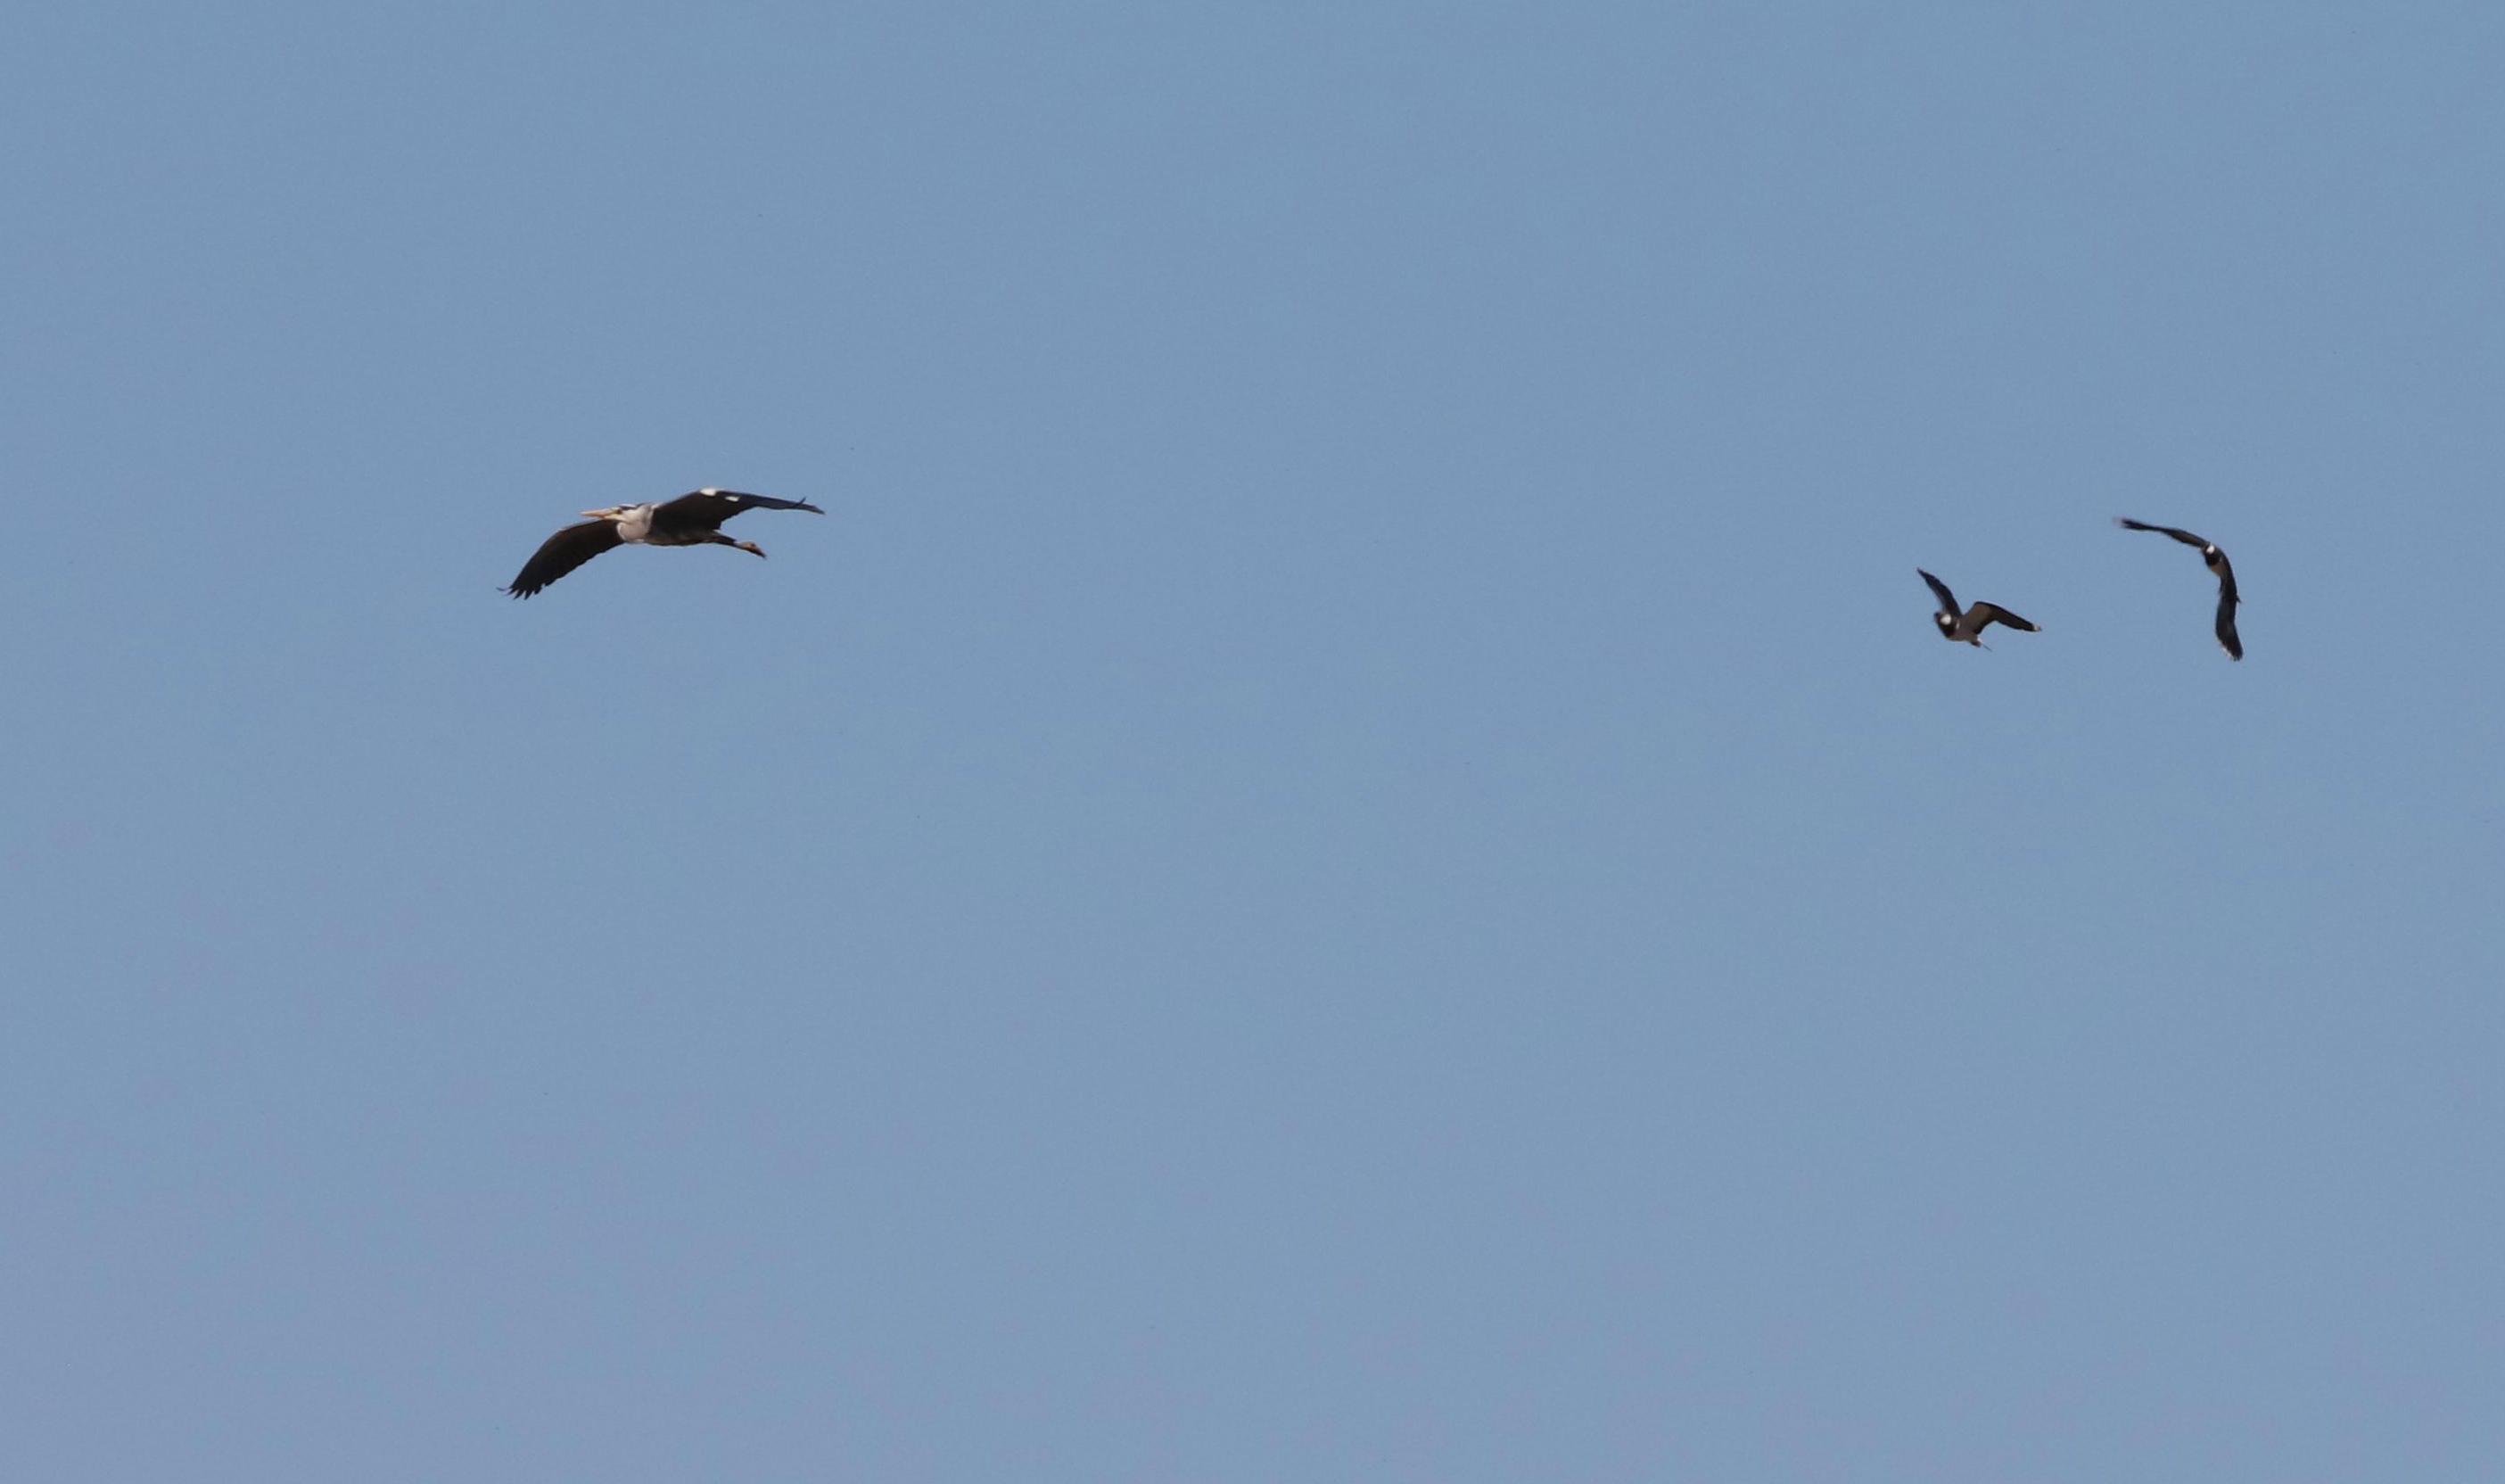 De reiger vliegt voorbij, maar de kieviten blijven alert - Foto: ©Jan van Uffelen